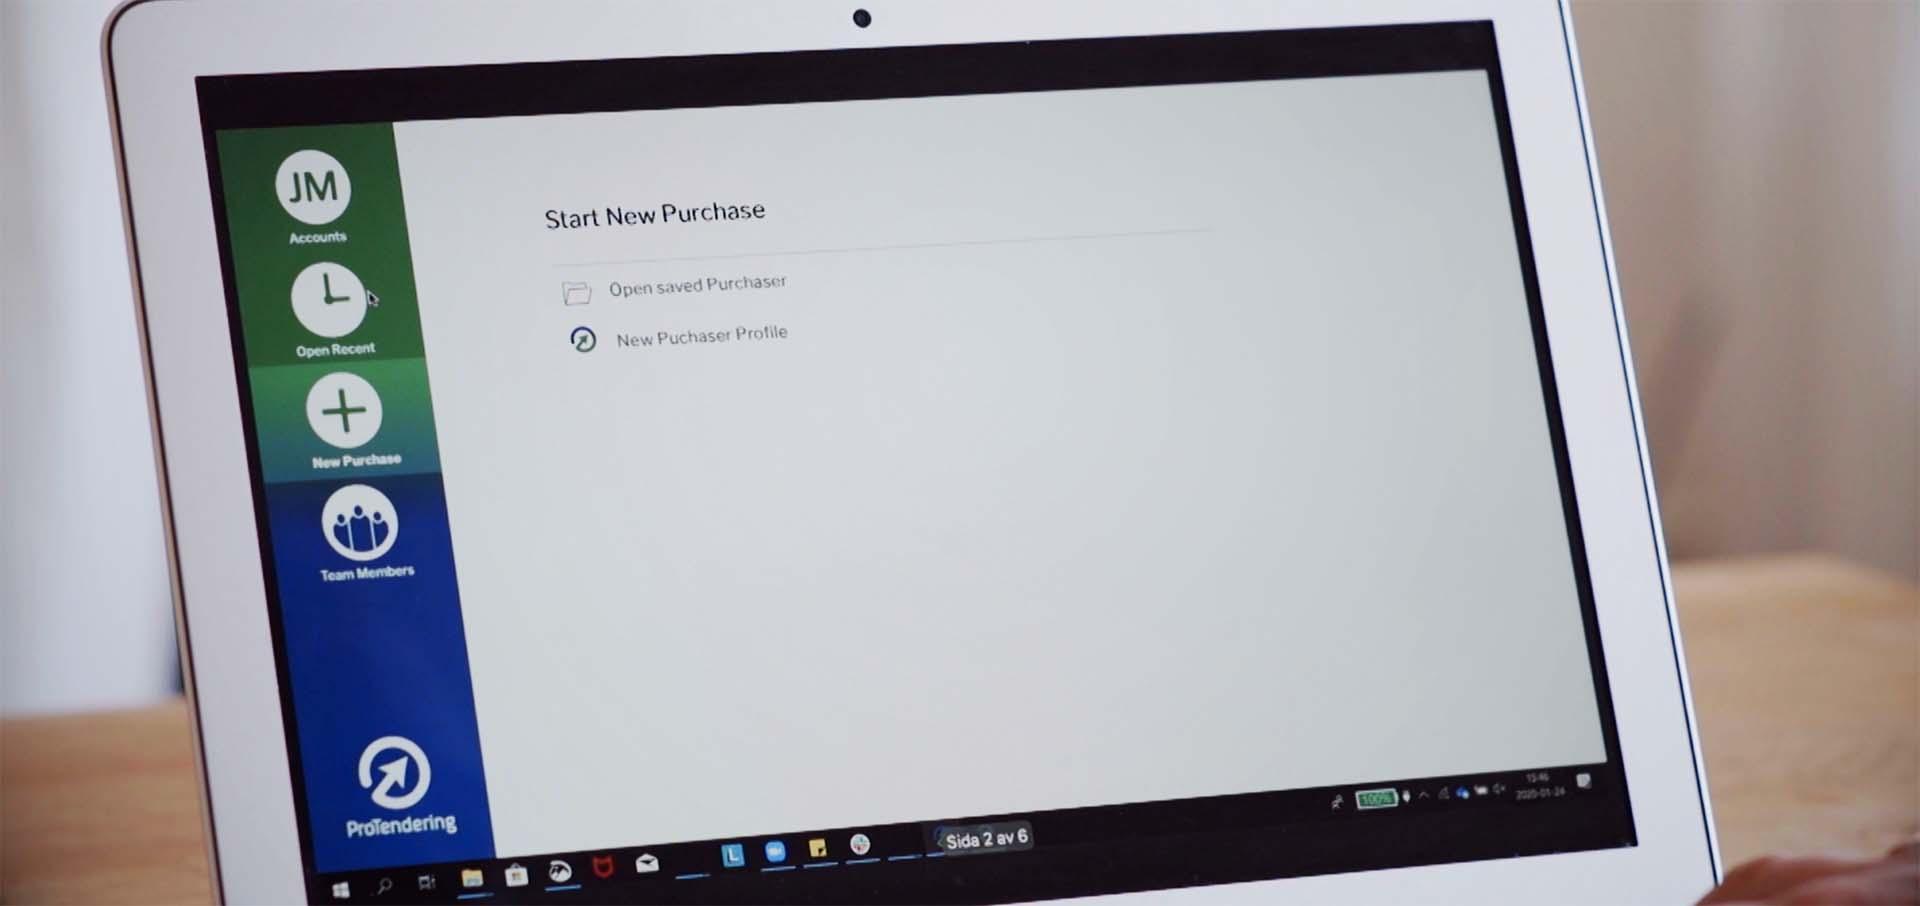 ProTendering Start Screen